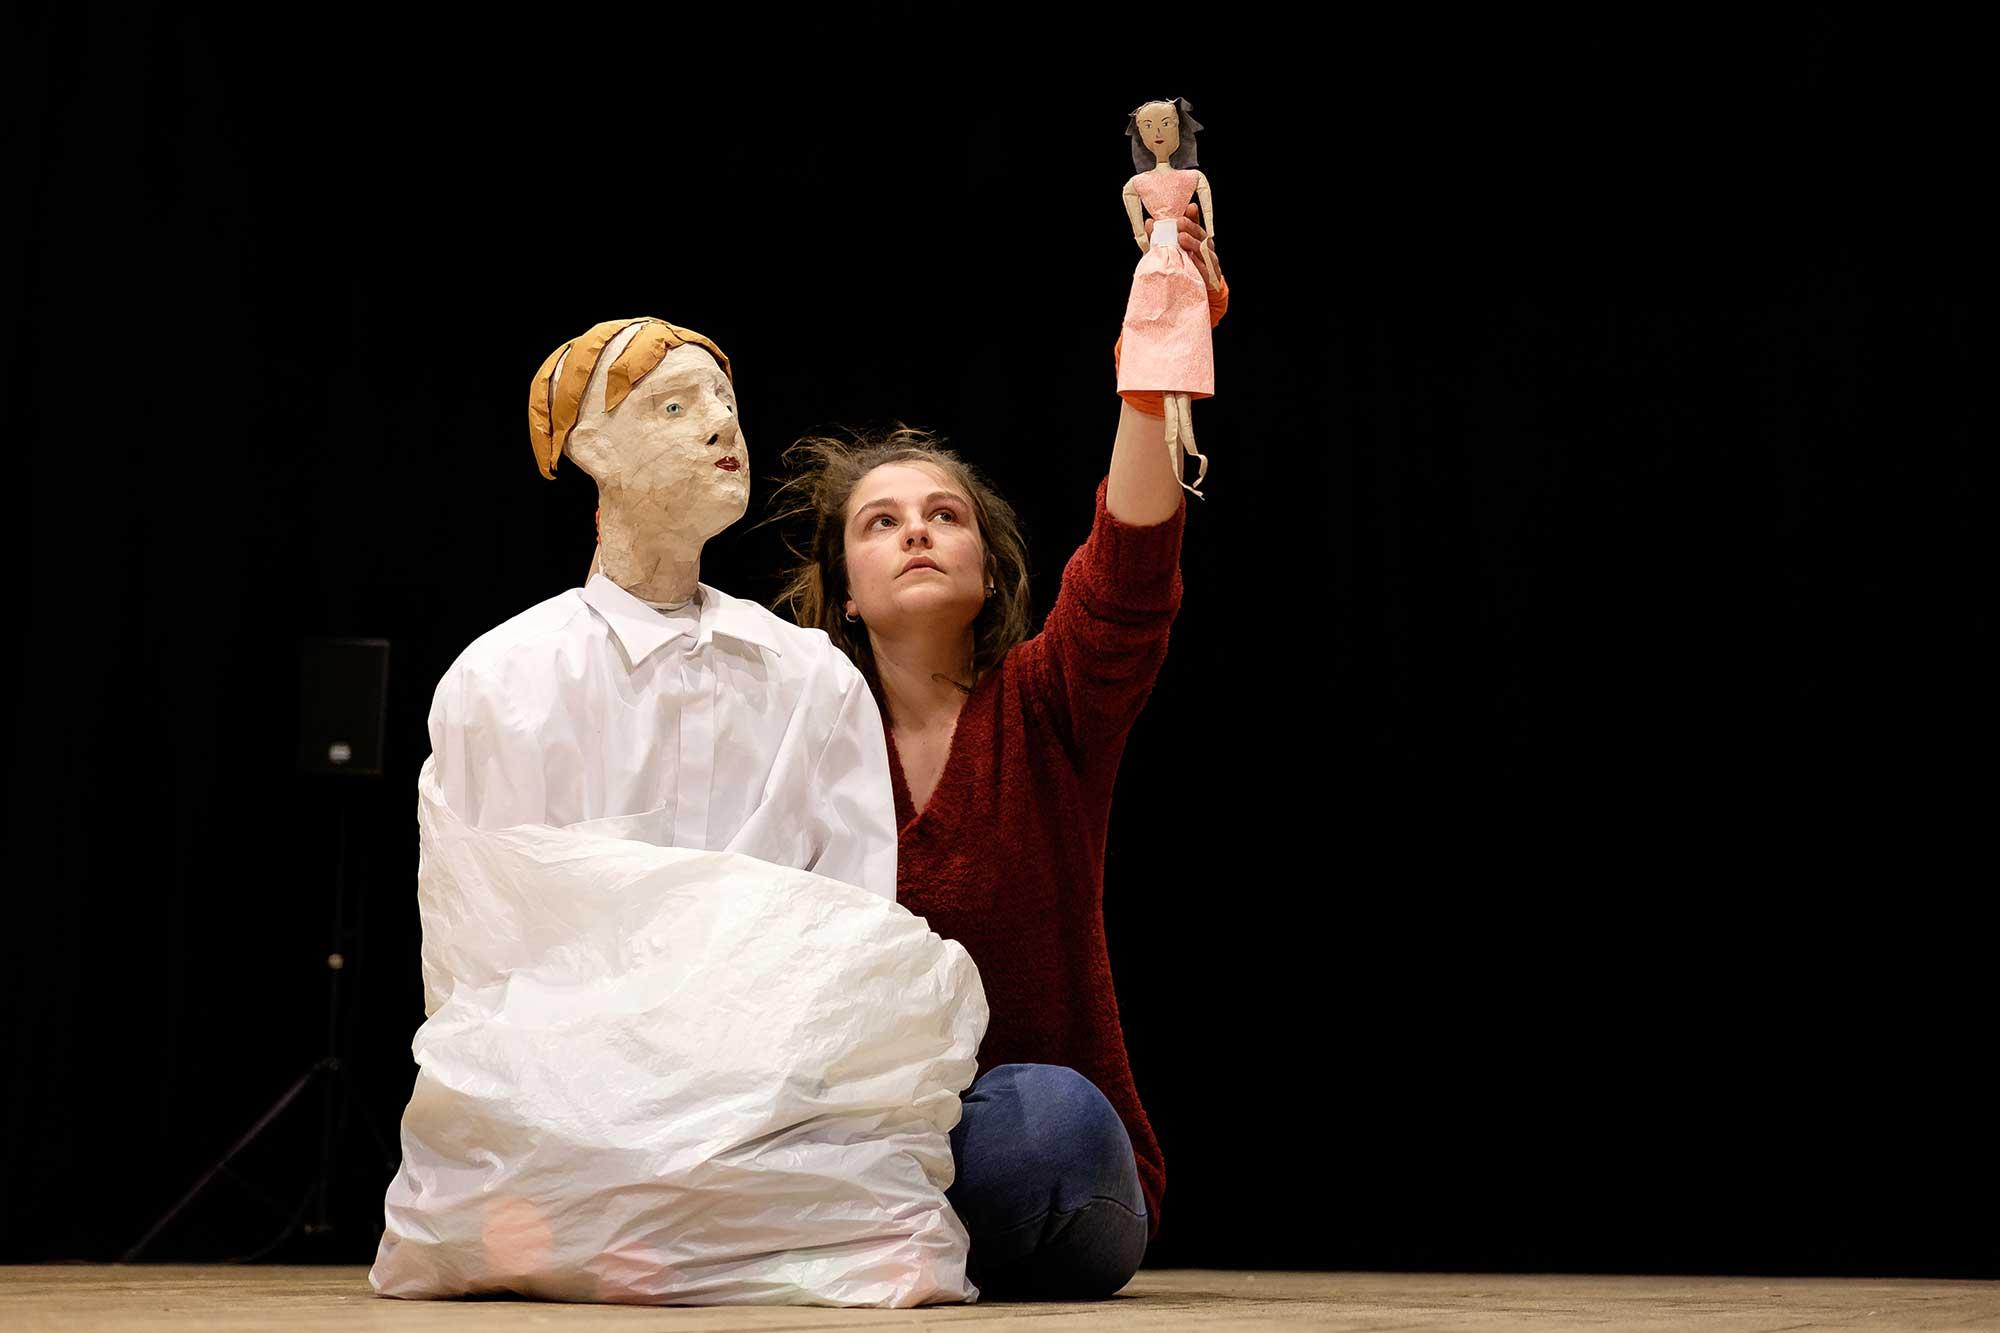 Solo Marion Dépret - option arts de la marionnette 2017 - 2018